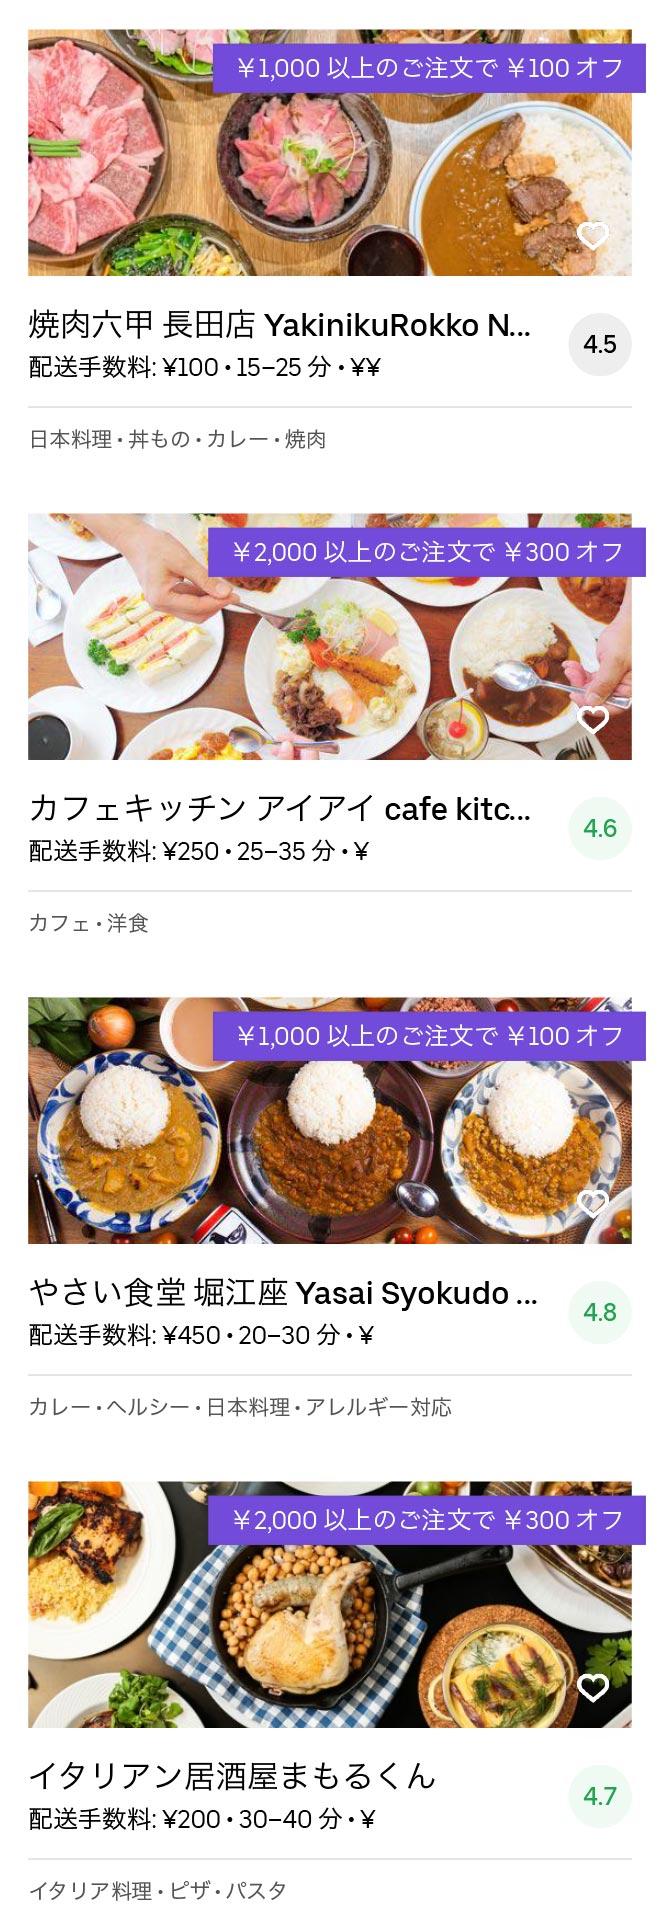 Kobe shin nagata menu 2005 07